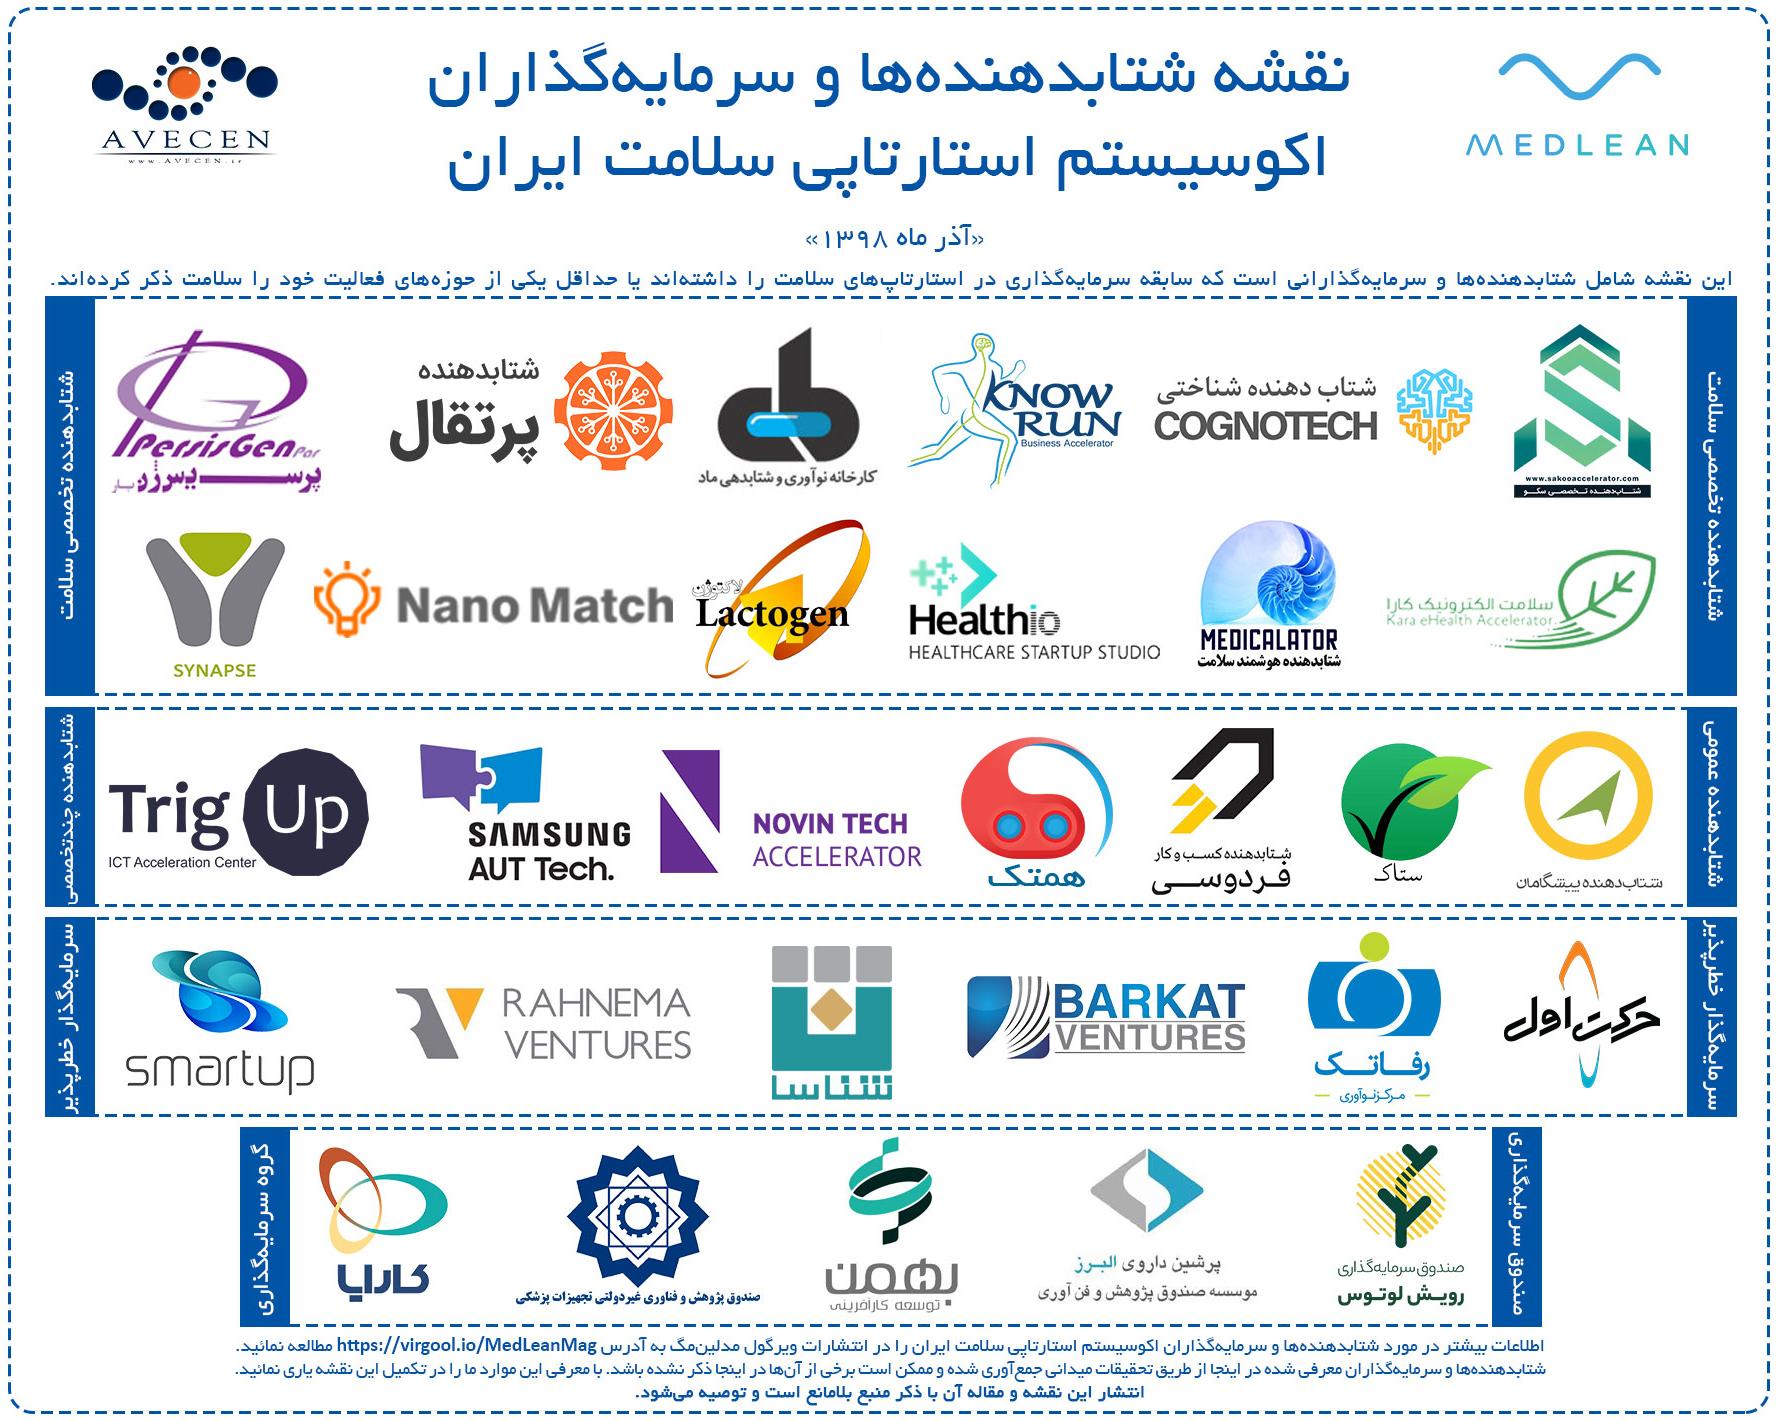 نقشه شتابدهندهها و سرمایهگذاران اکوسیستم استارتاپی سلامت ایران